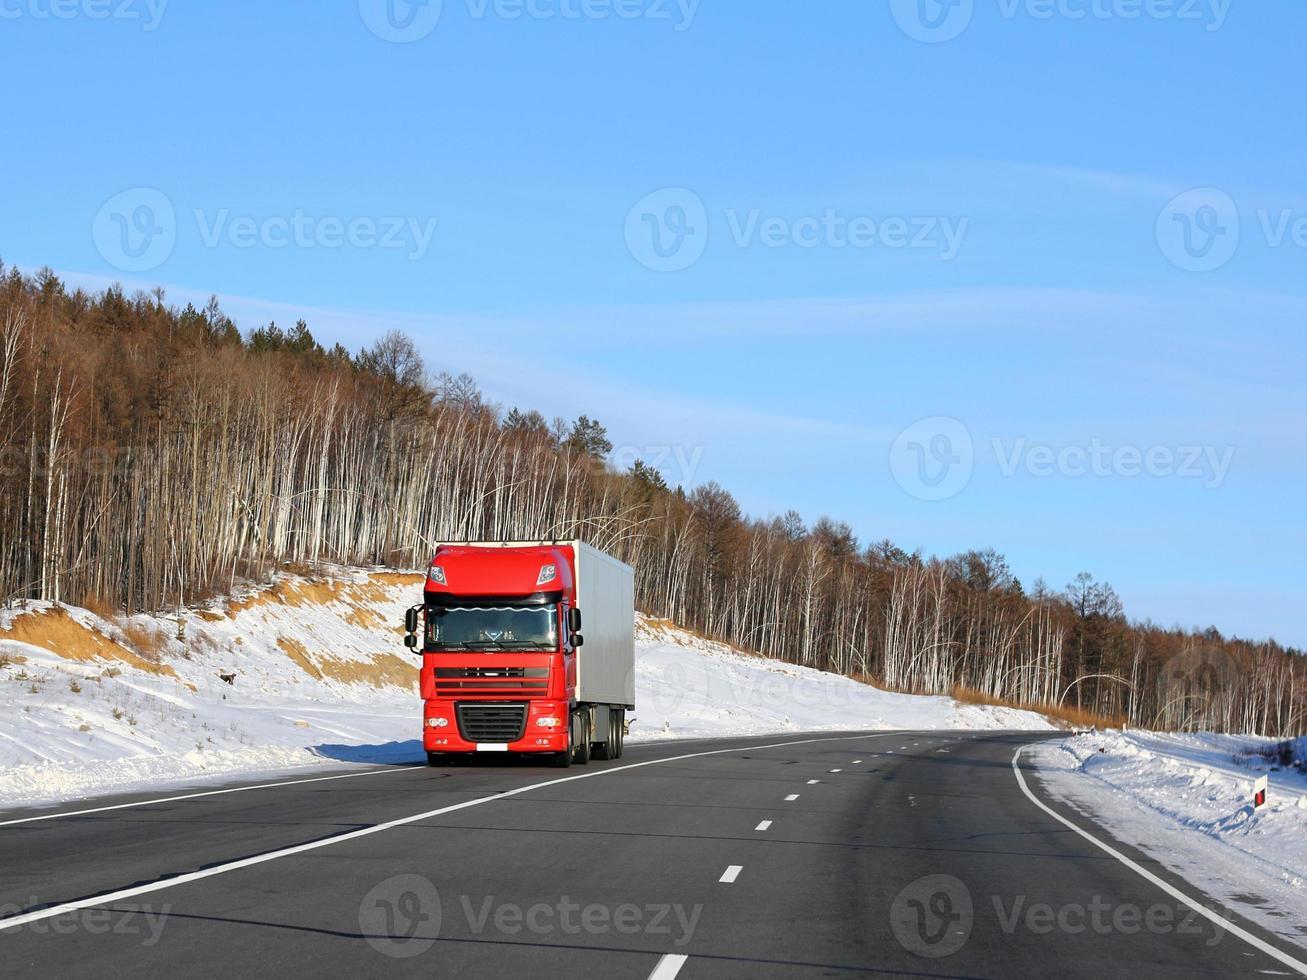 grande camion rosso sulla strada con la neve foto